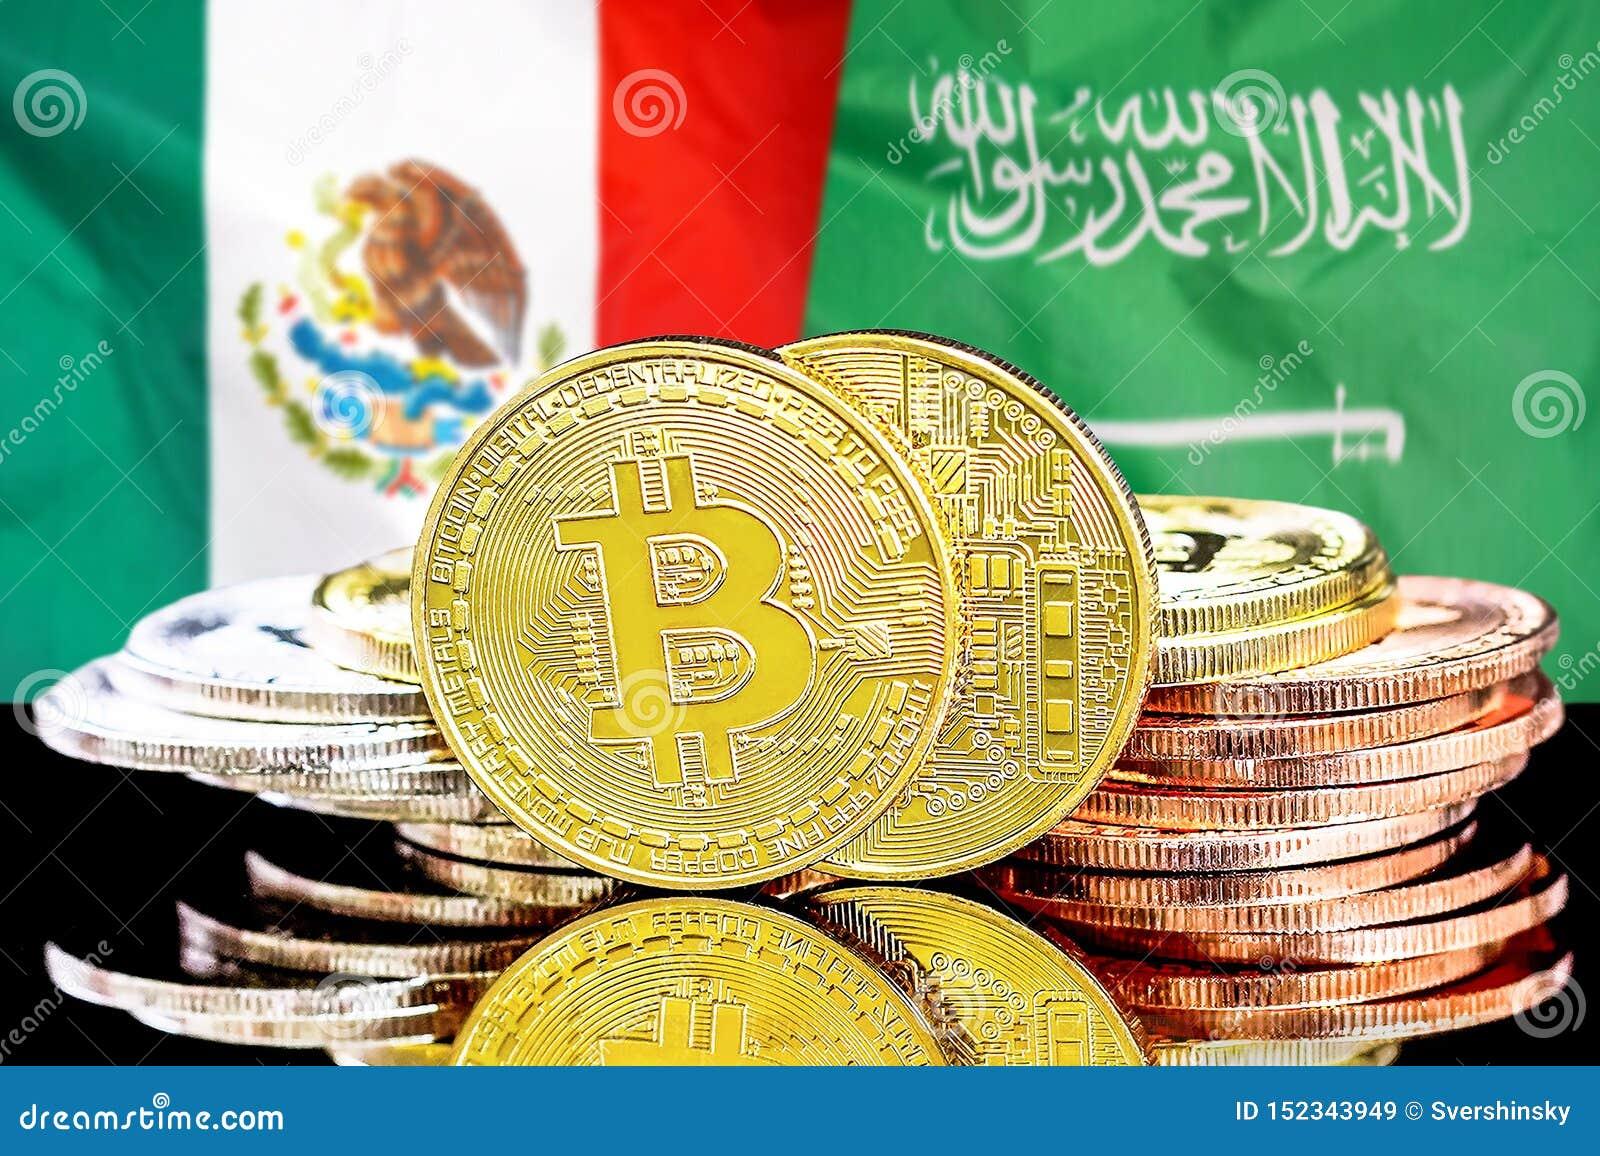 arabia saudita bitcoin)